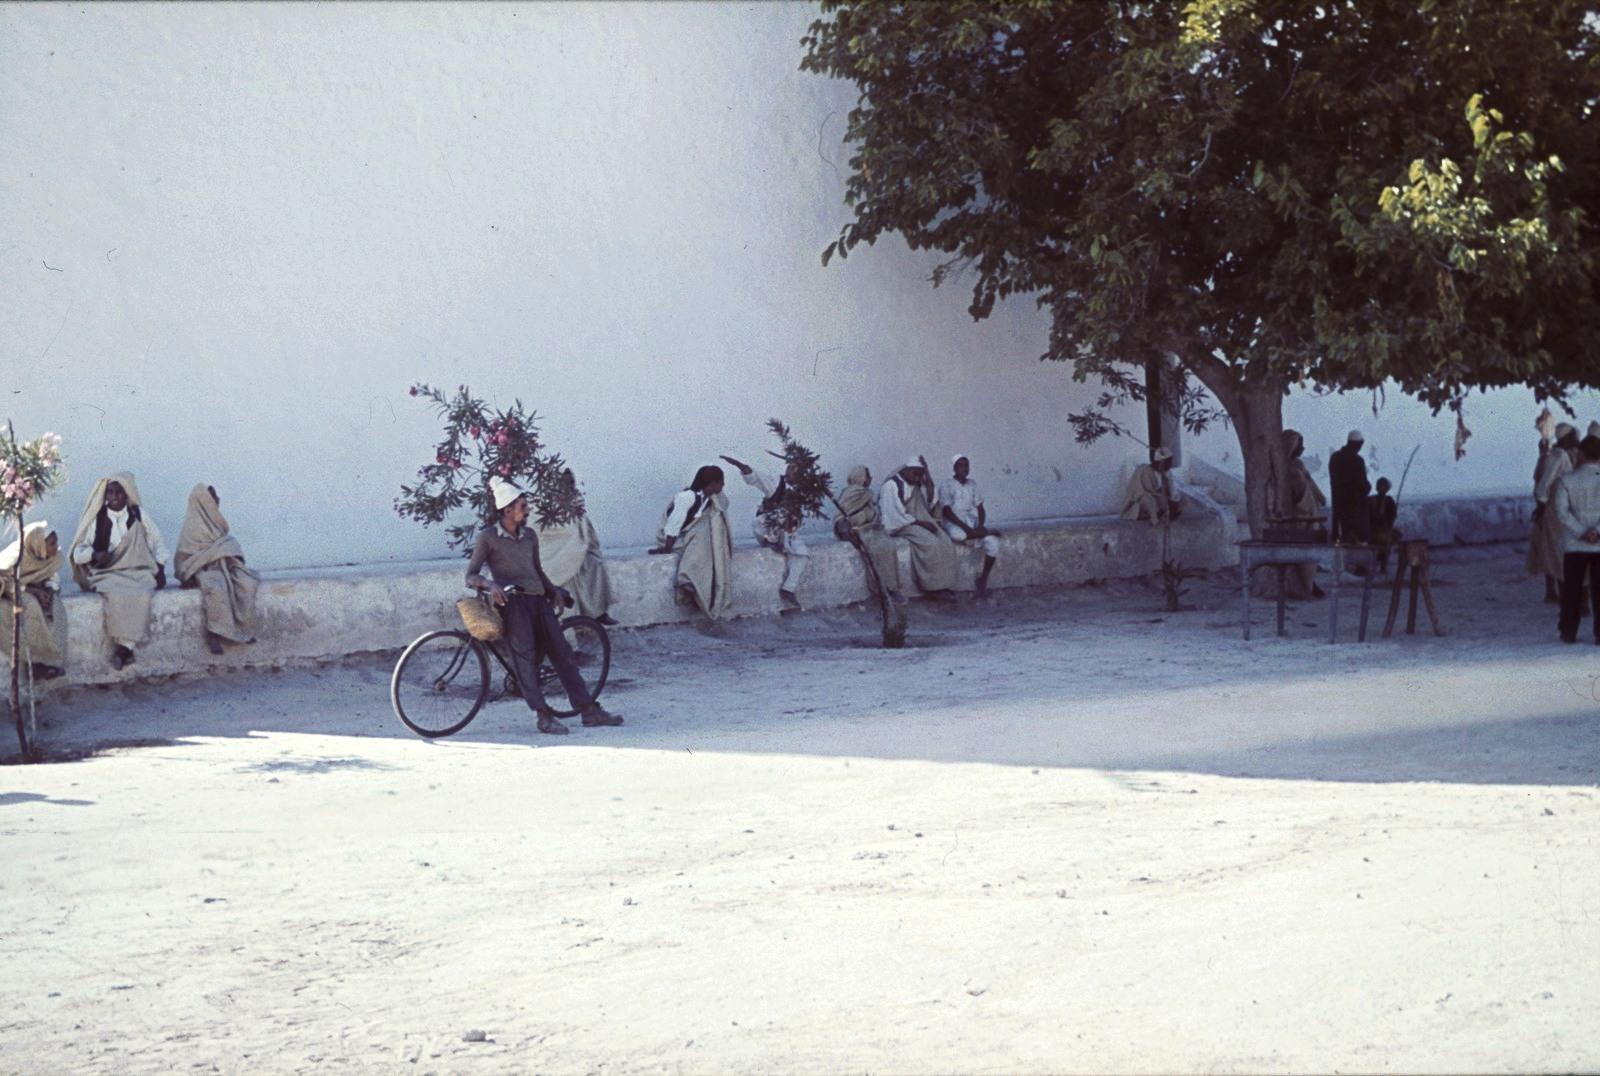 Гадамес. Уличная сцена с местными жителями